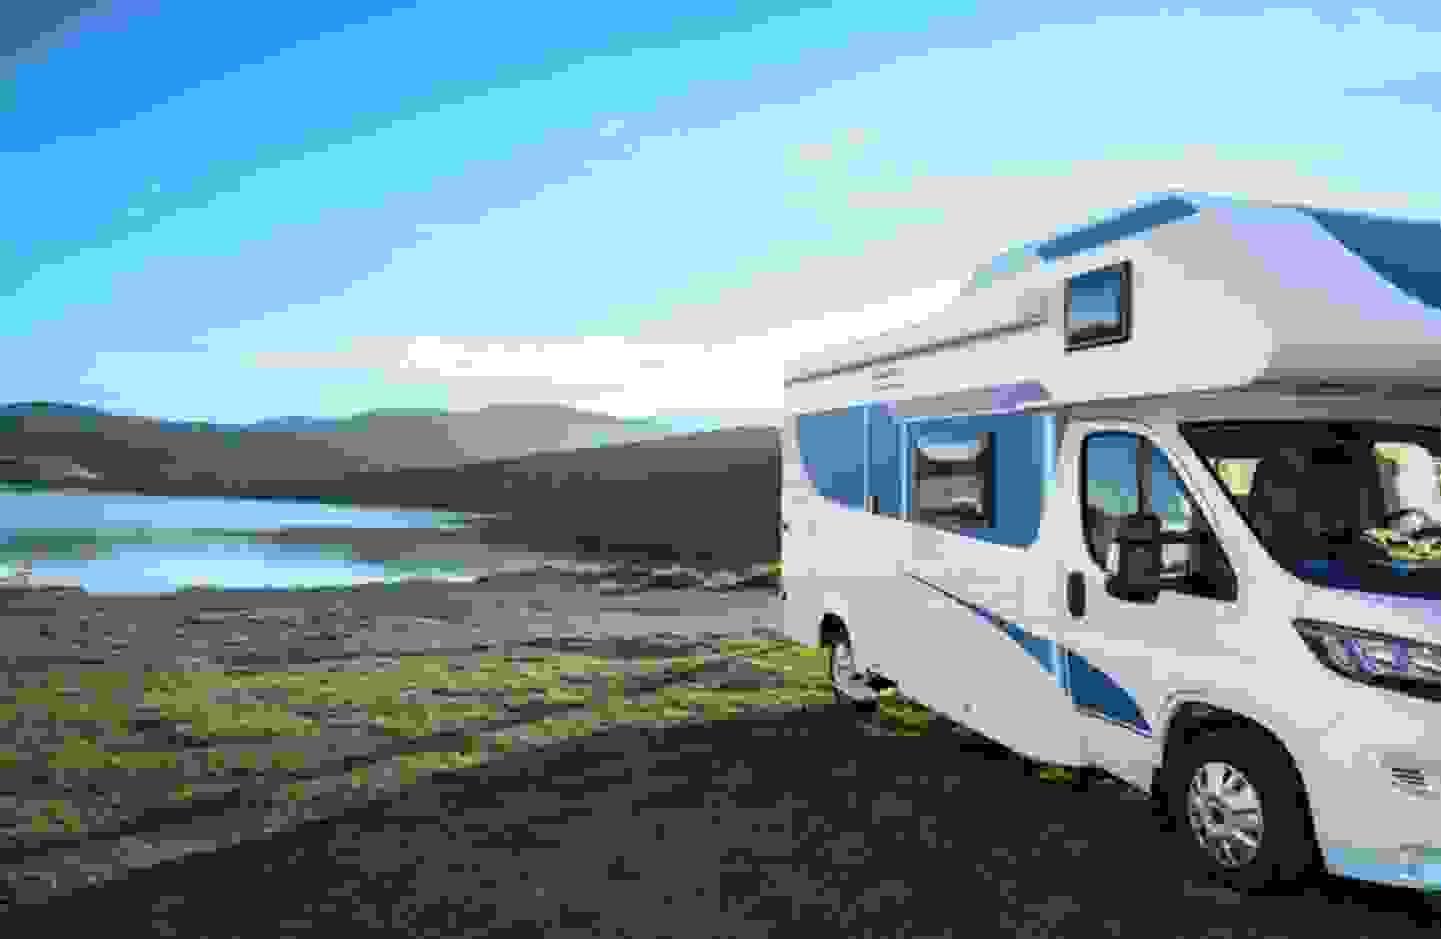 Prêts pour votre prochaine aventure de camping ? - Nos solutions d'équipment »